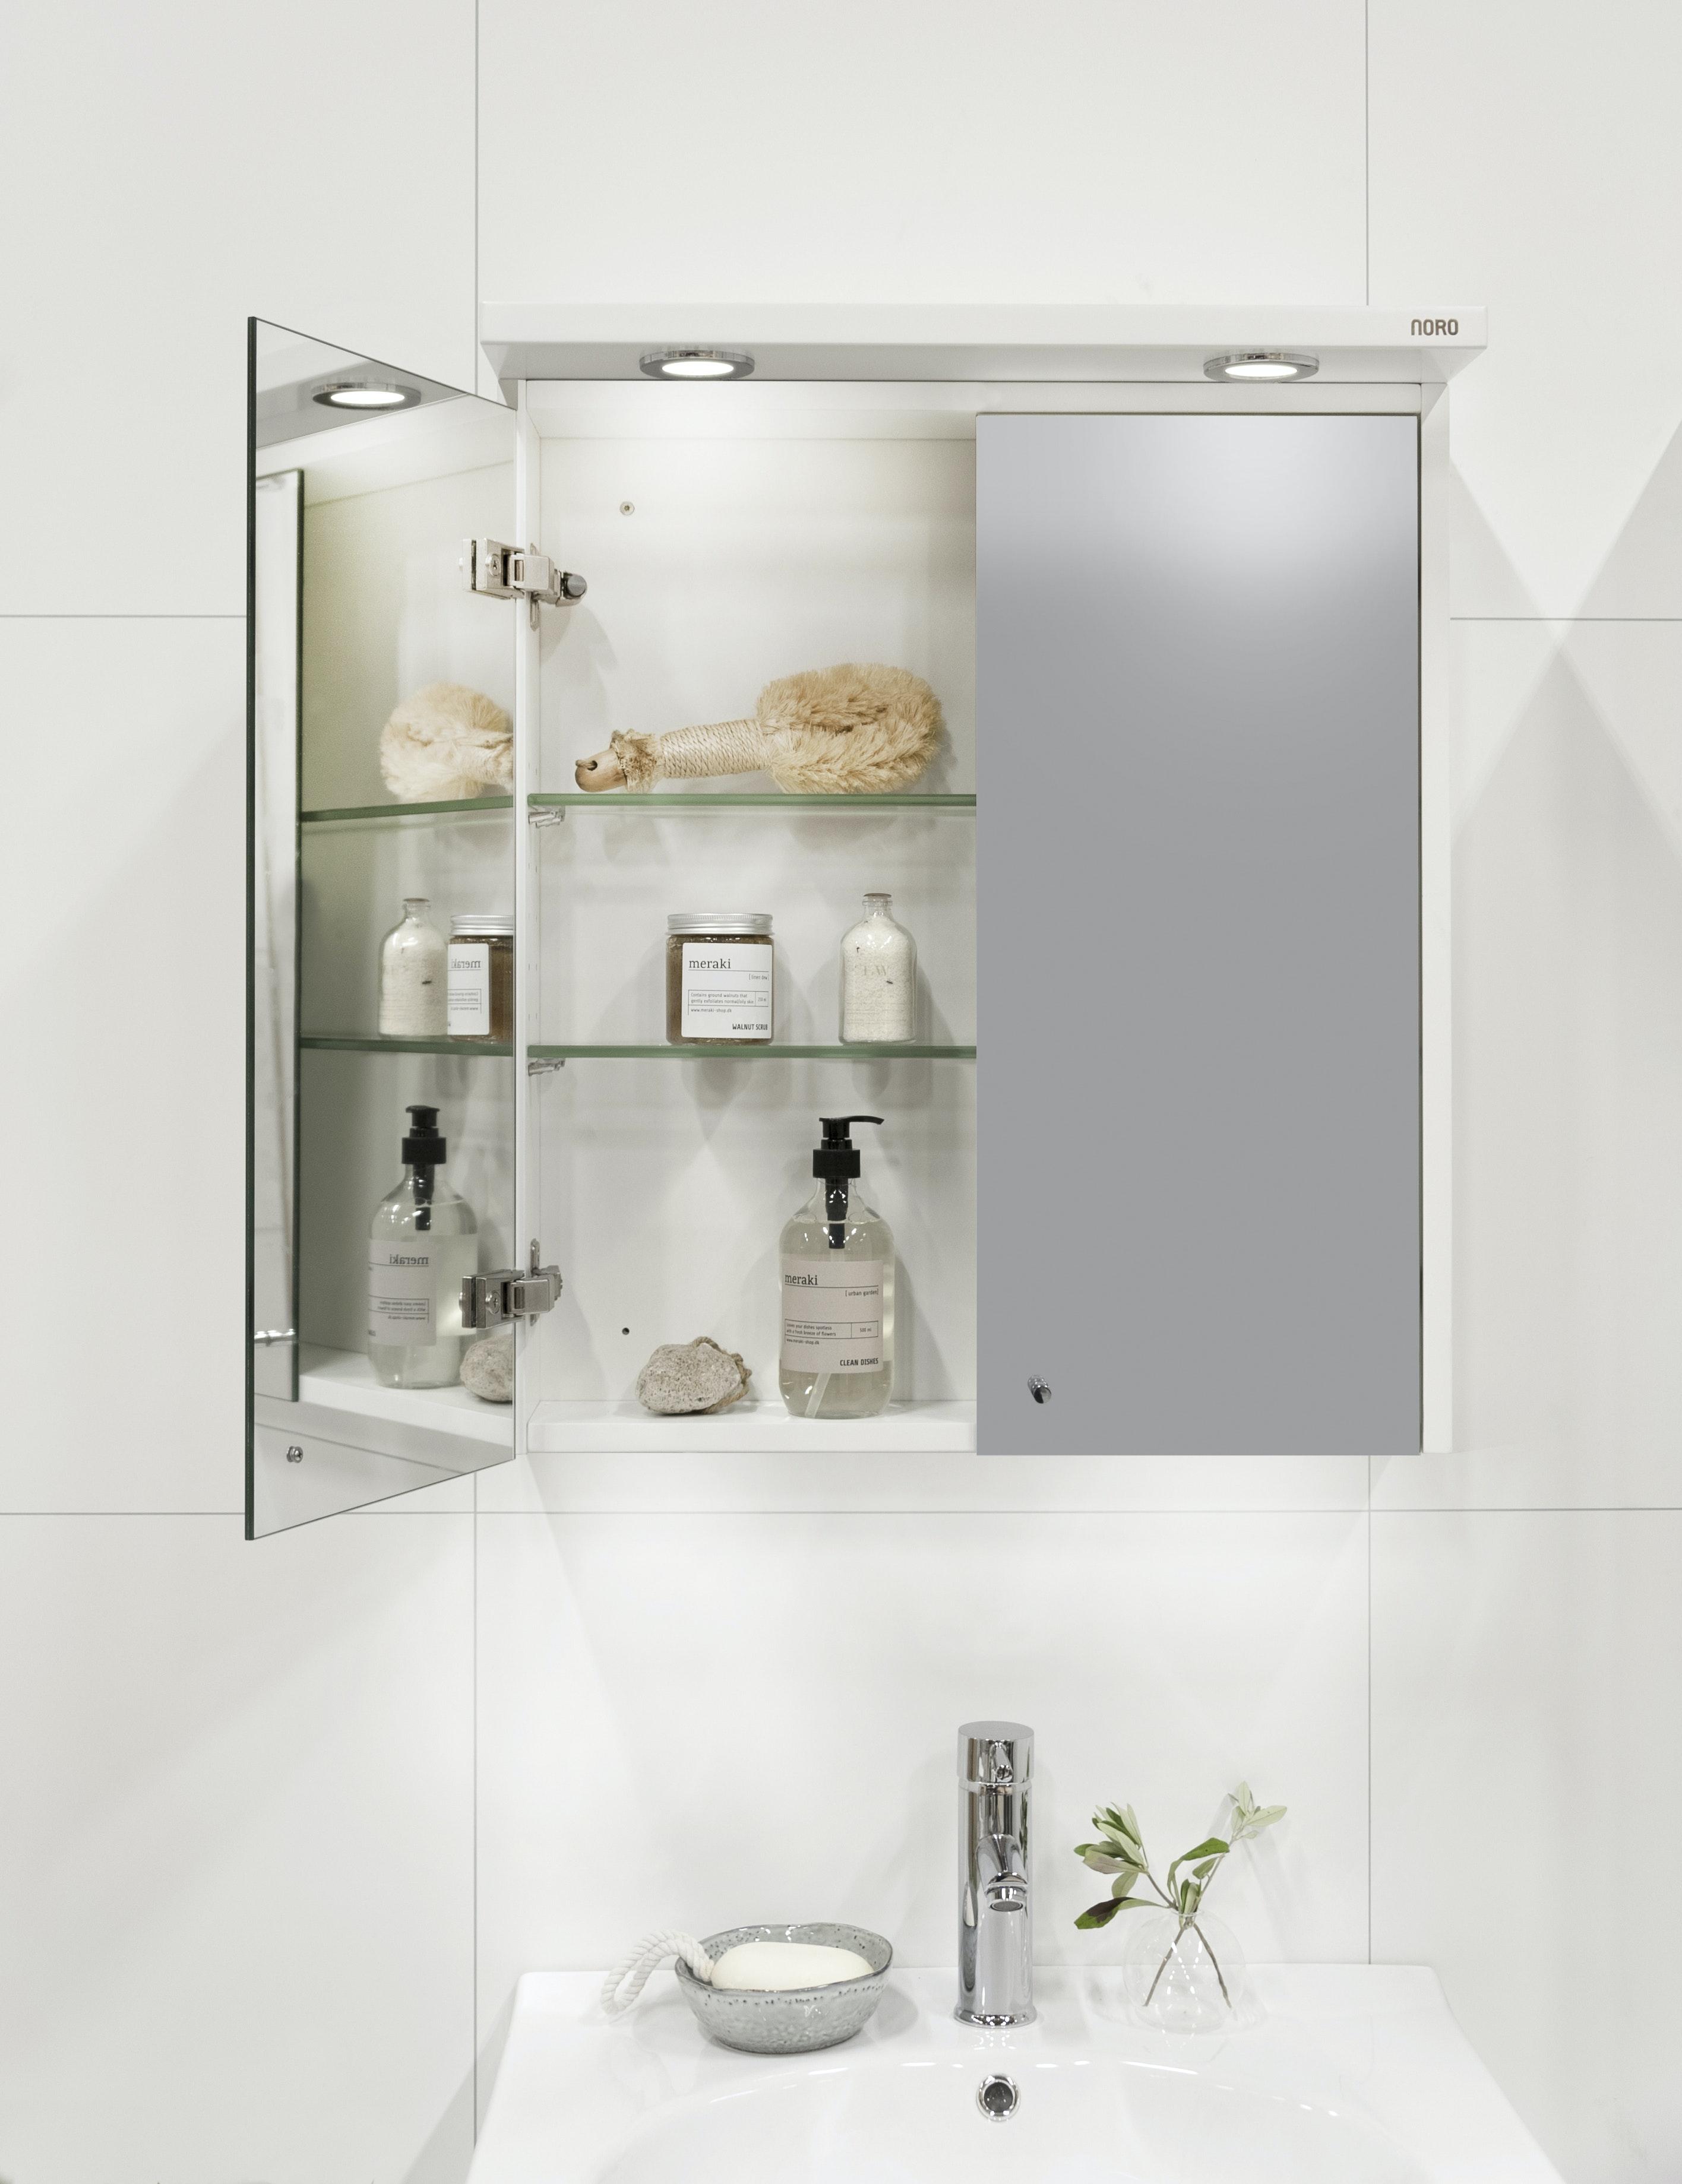 Spegelskåp Noro Polo 600 Vit Led